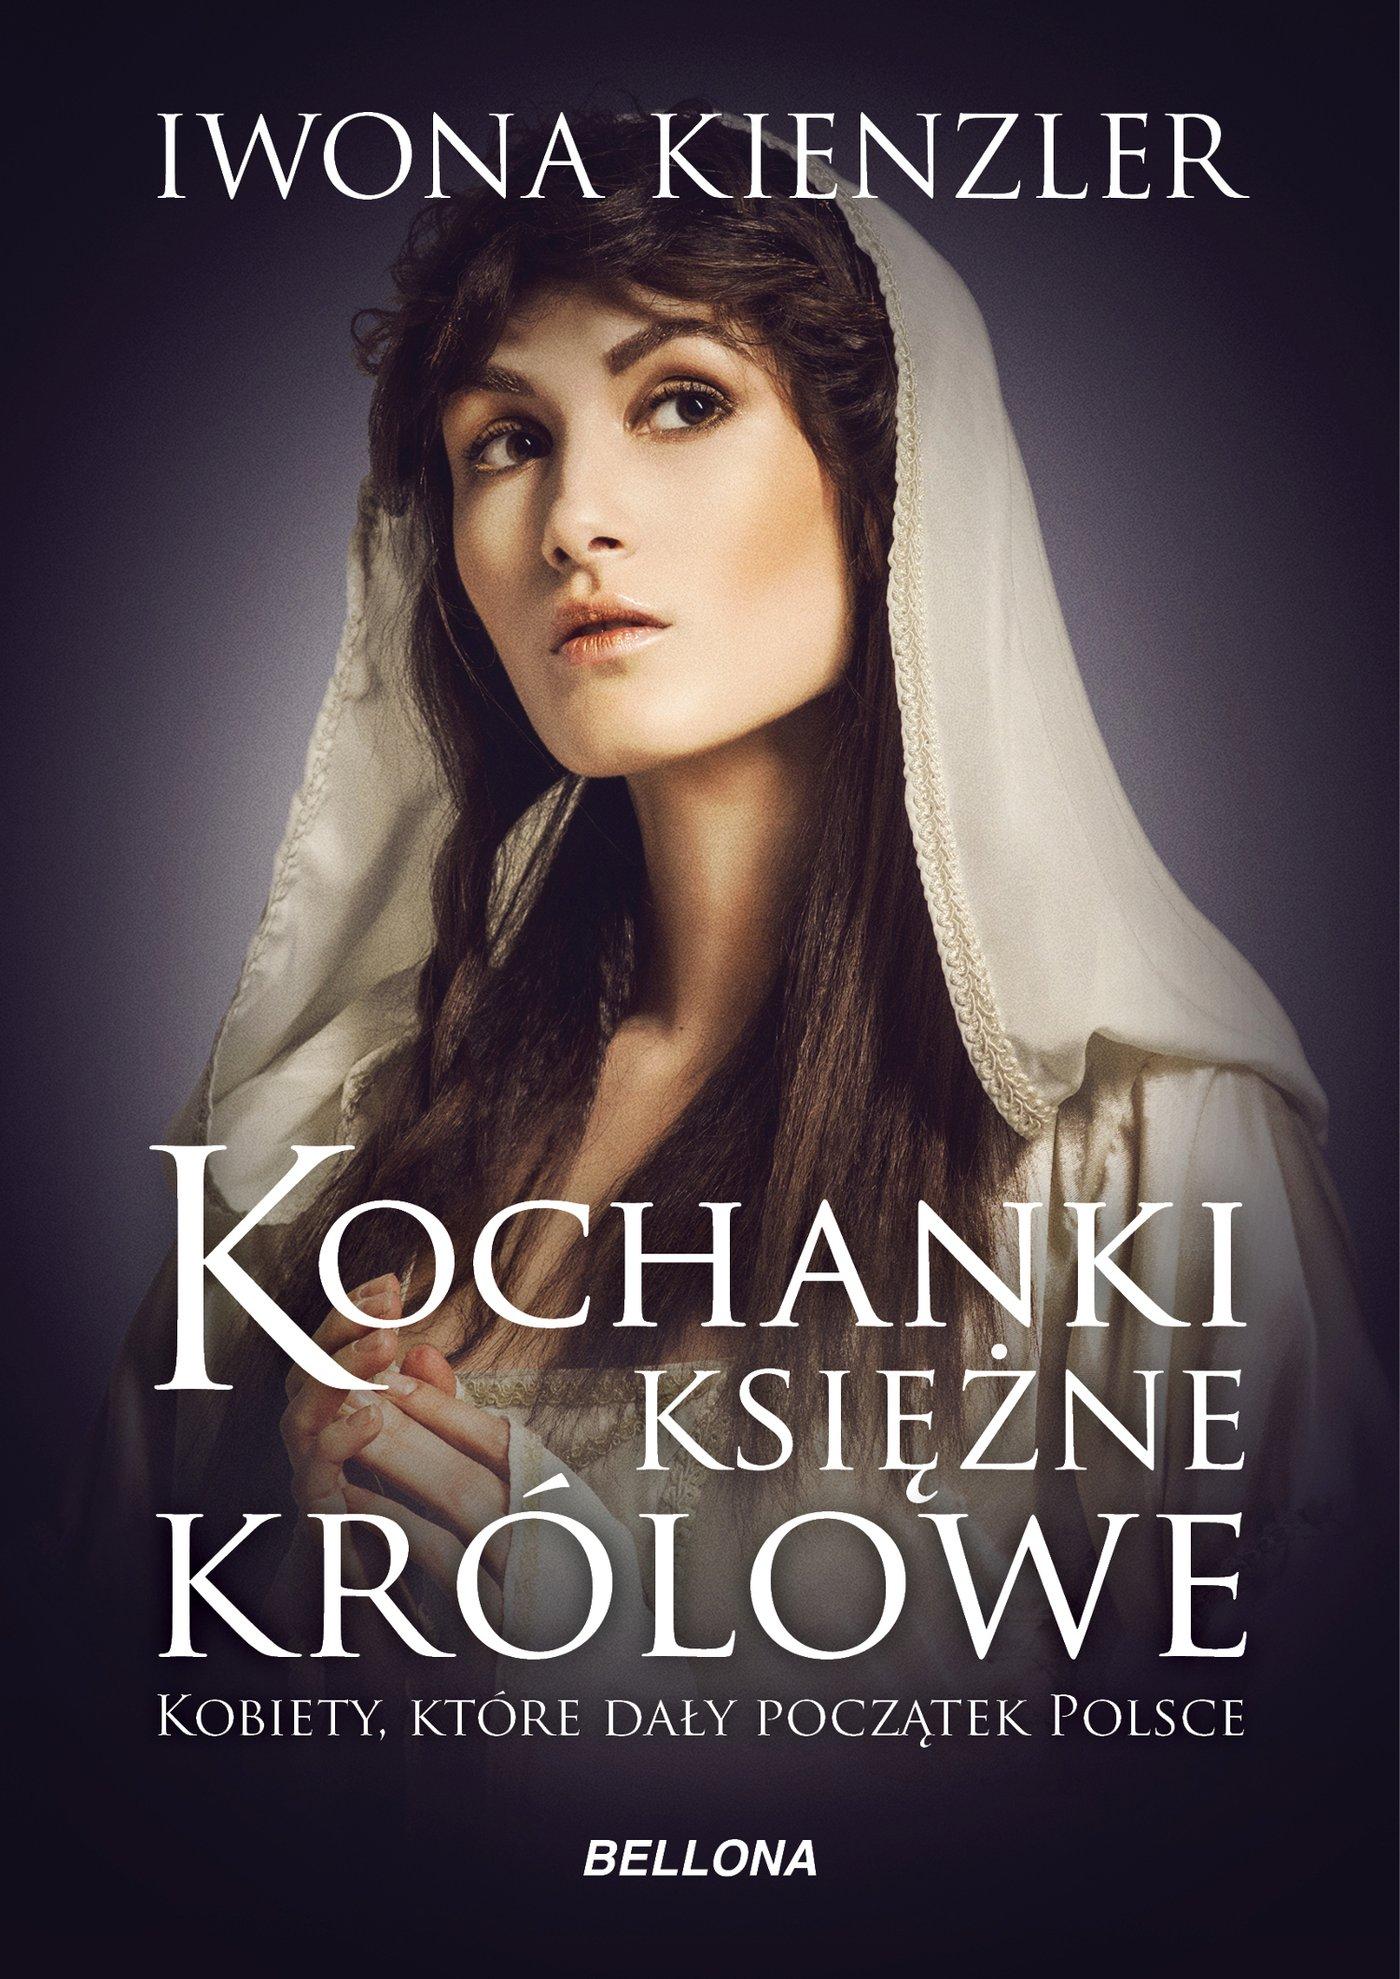 Kochanki, księżne i królowe - Ebook (Książka na Kindle) do pobrania w formacie MOBI